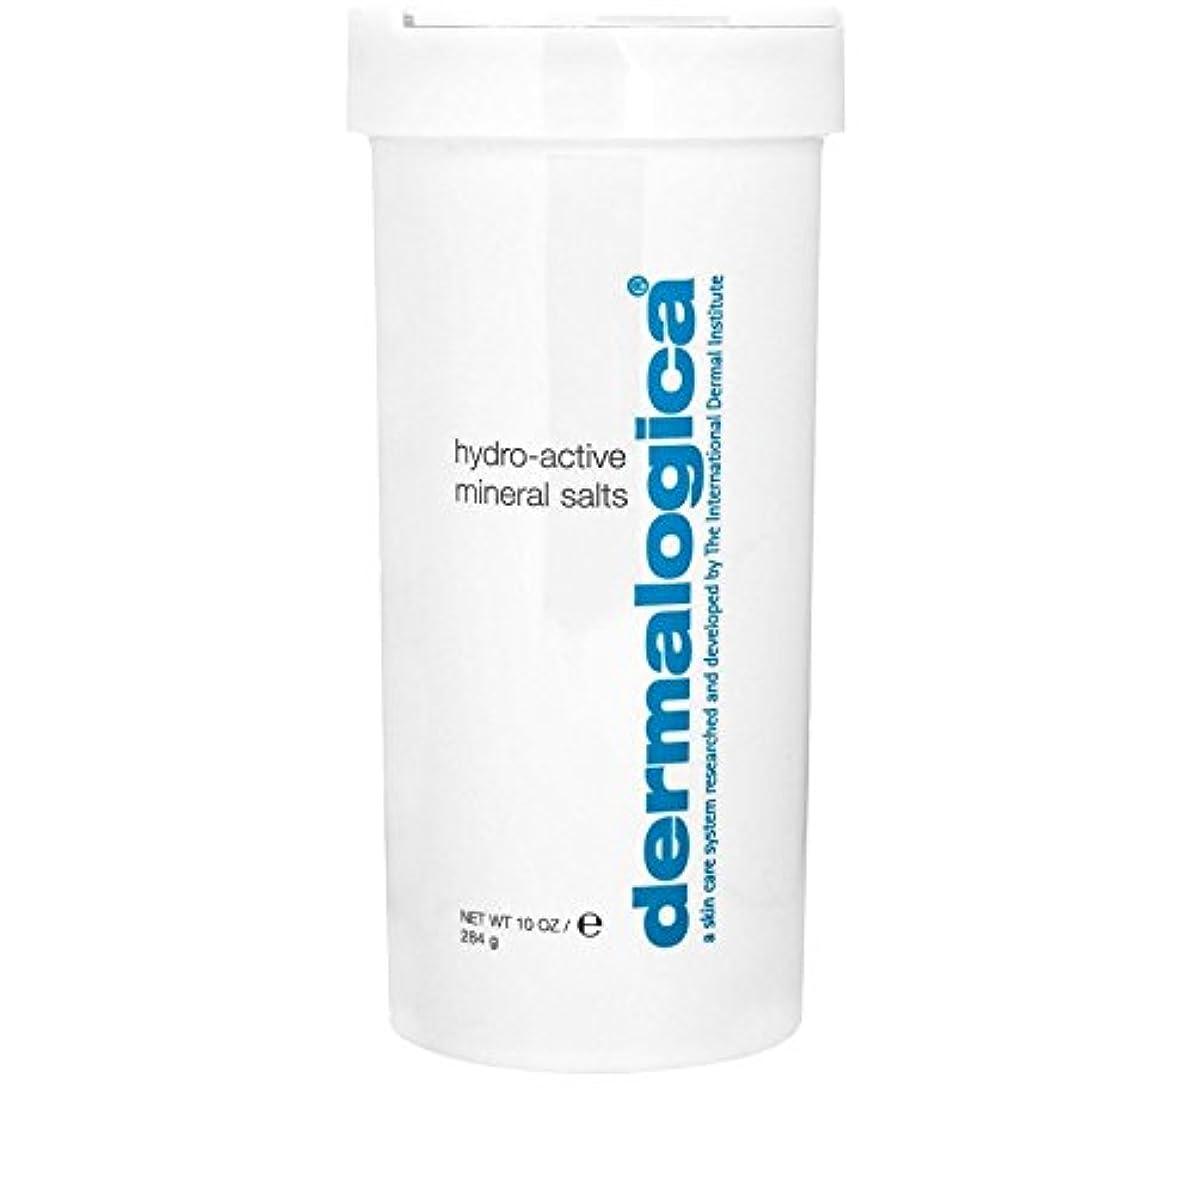 ファン再生的責めDermalogica Hydro Active Mineral Salt 284g (Pack of 6) - ダーマロジカ水力アクティブミネラル塩284グラム x6 [並行輸入品]